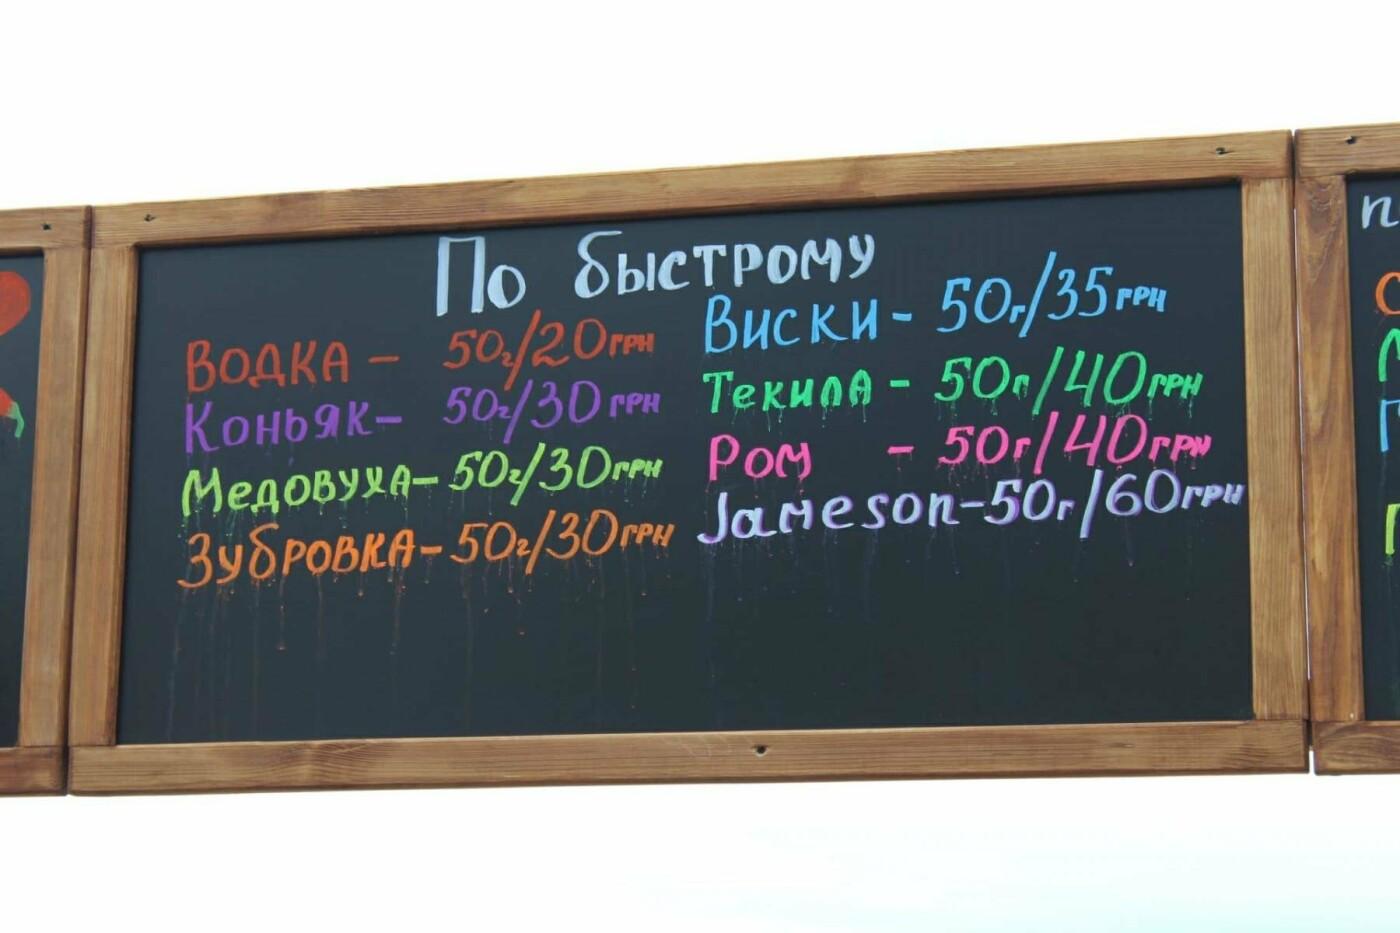 На Покровской ярмарке, несмотря на запрет, с самого утра продают алкоголь, - ФОТО, фото-11